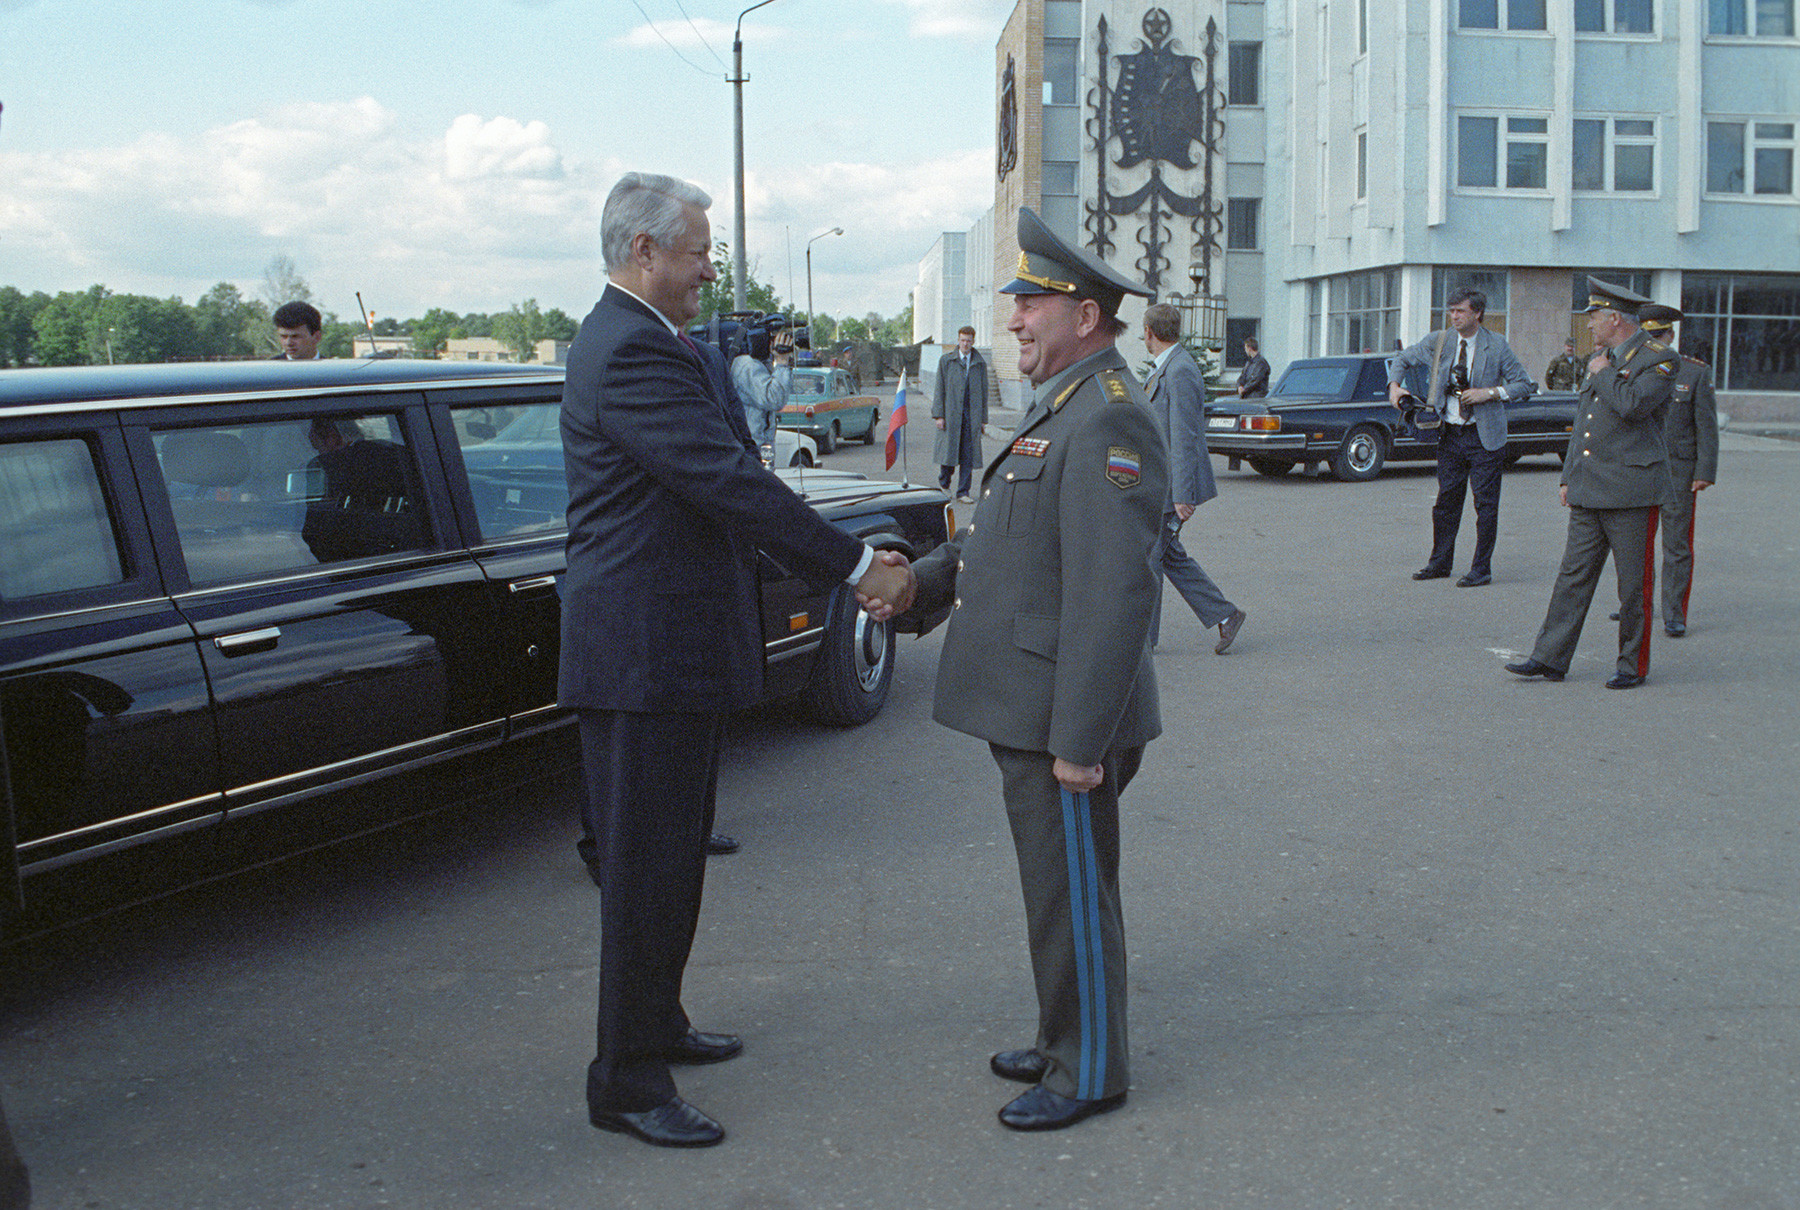 Präsident Boris Jelzin zu Besuch bei einer Luftlandetruppenabteilung in der Nähe von Naro-Fominsk im August 1993